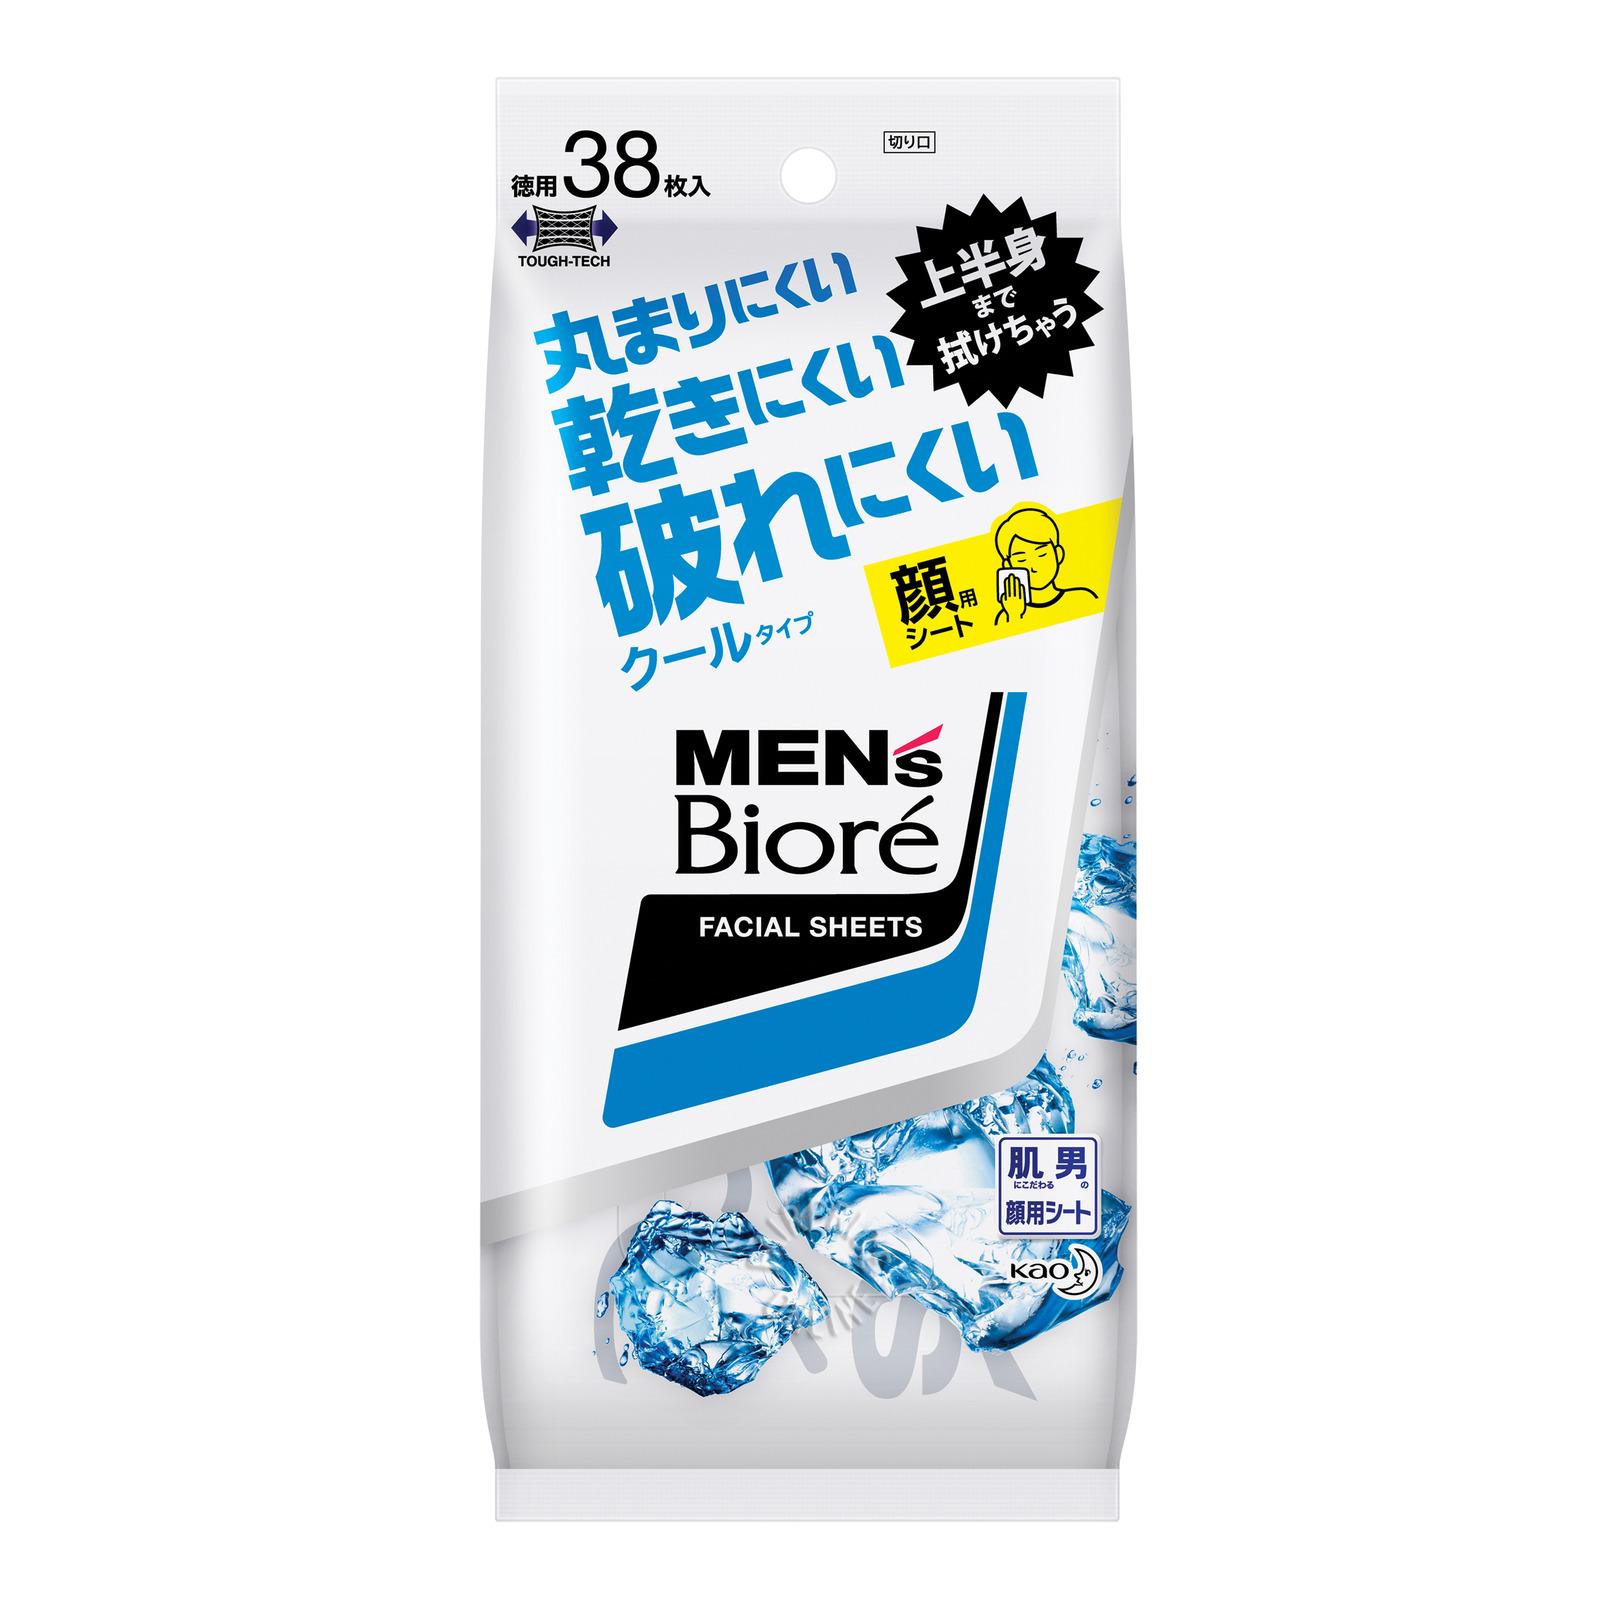 Biore Men's Facial Sheets - Cool